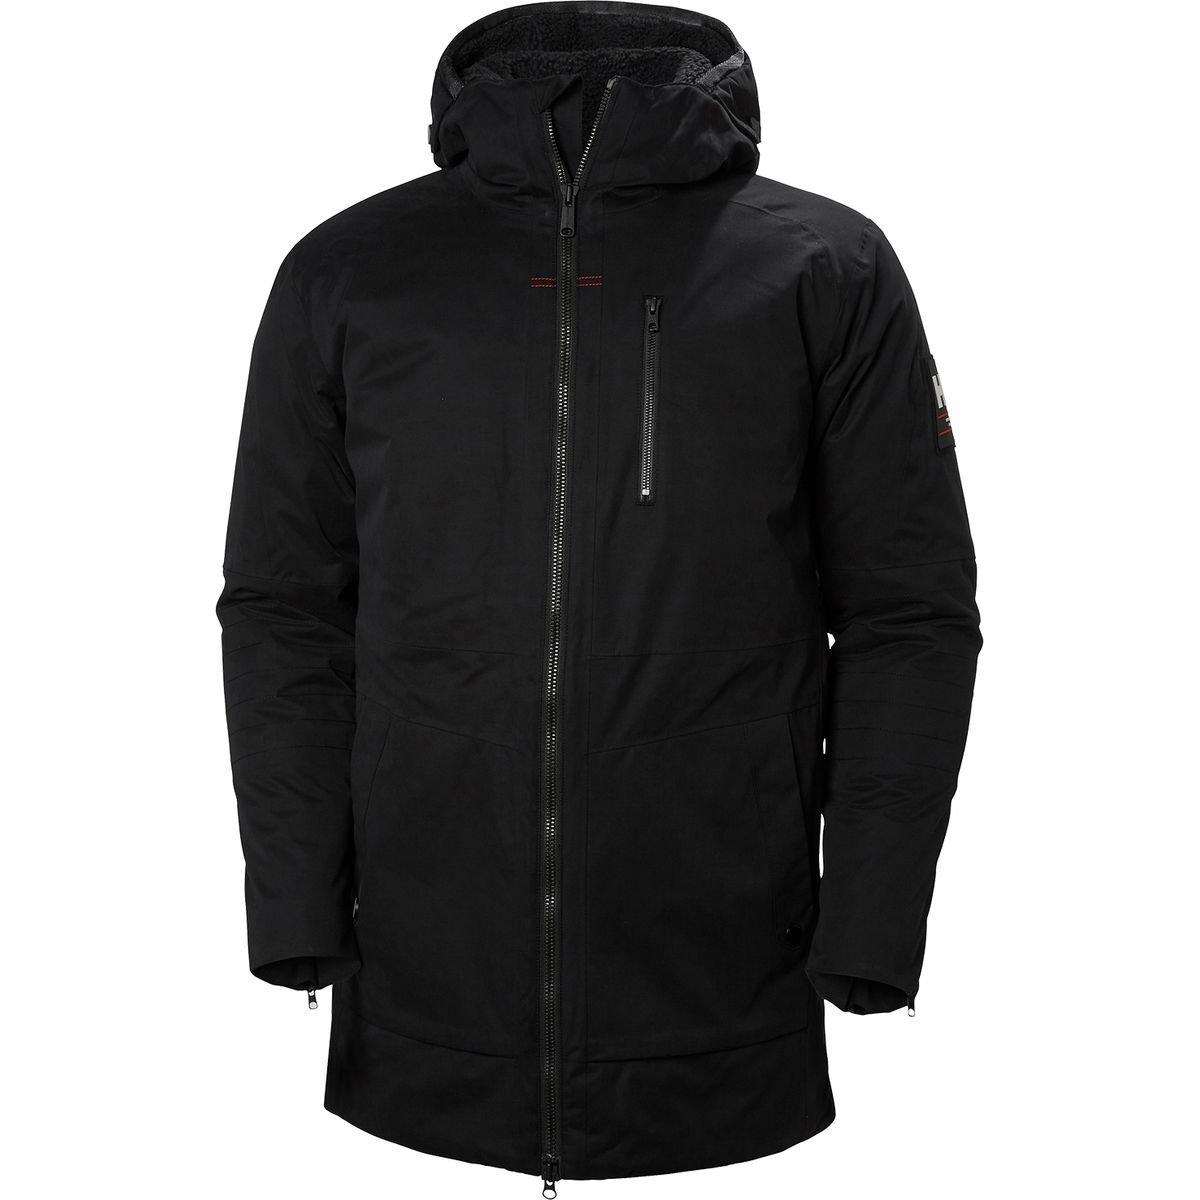 (ヘリーハンセン) Helly Hansen Njord Parka メンズ ジャケットBlack [並行輸入品] B076WL7WD4 日本サイズ L (US M)|Black Black 日本サイズ L (US M)